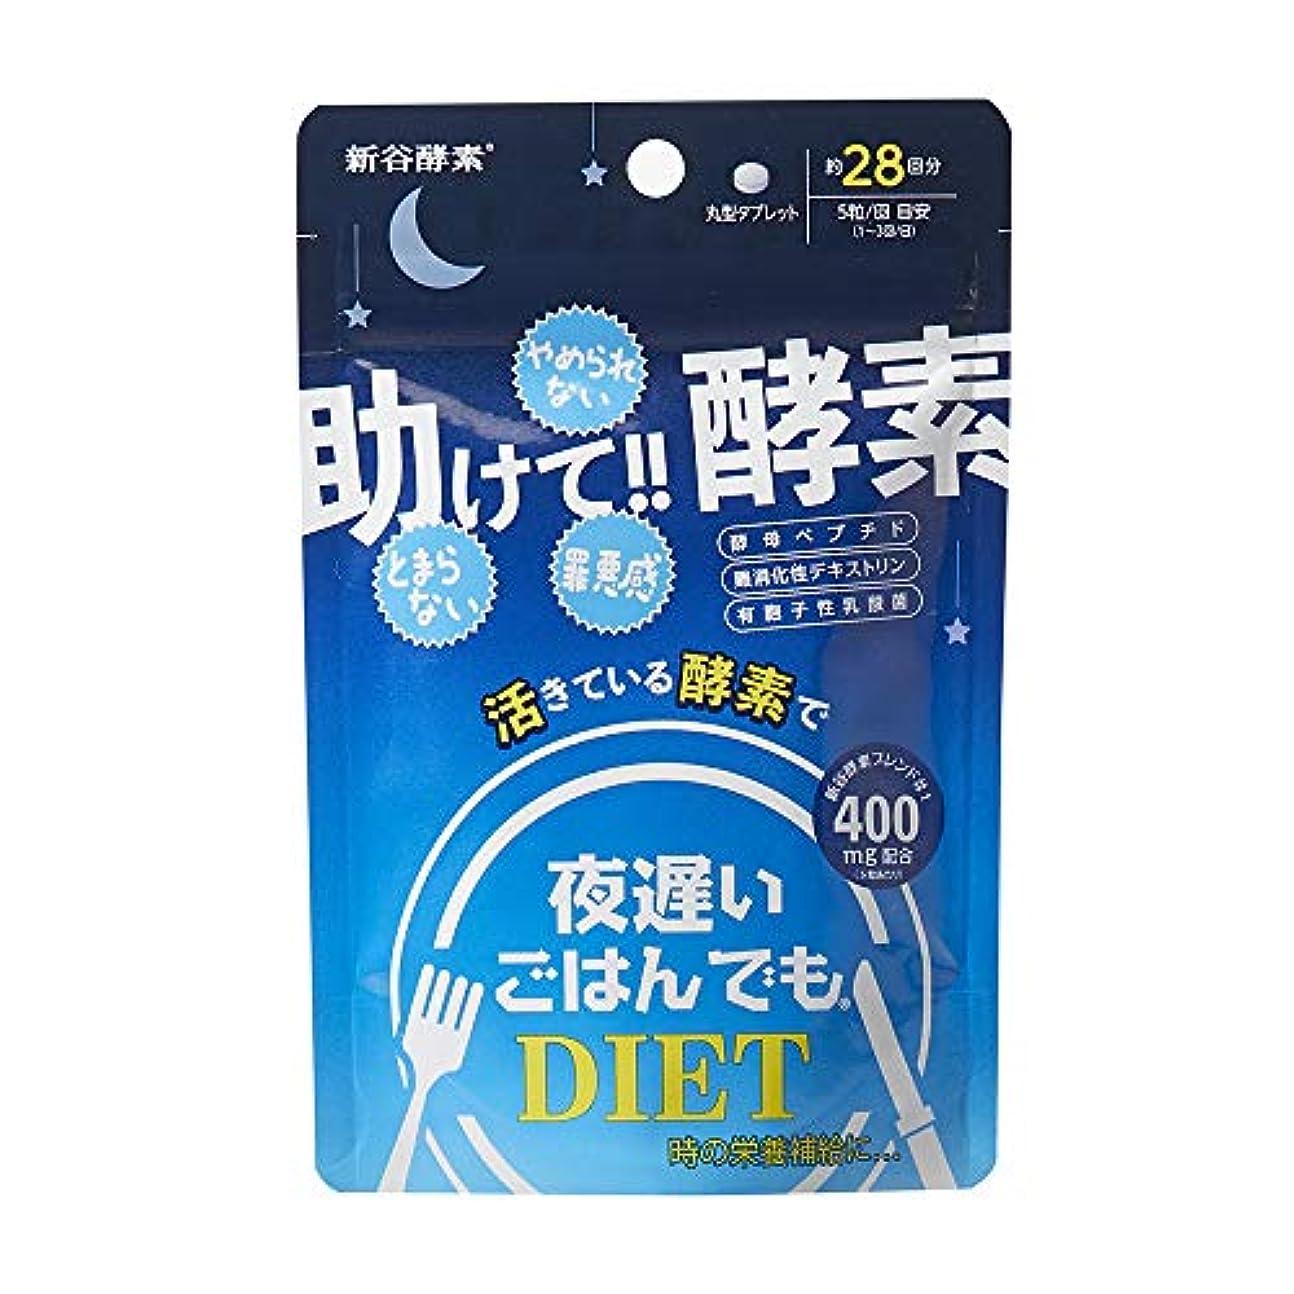 新谷酵素 夜遅いごはんでも 助けて!! 酵素 (28回分)